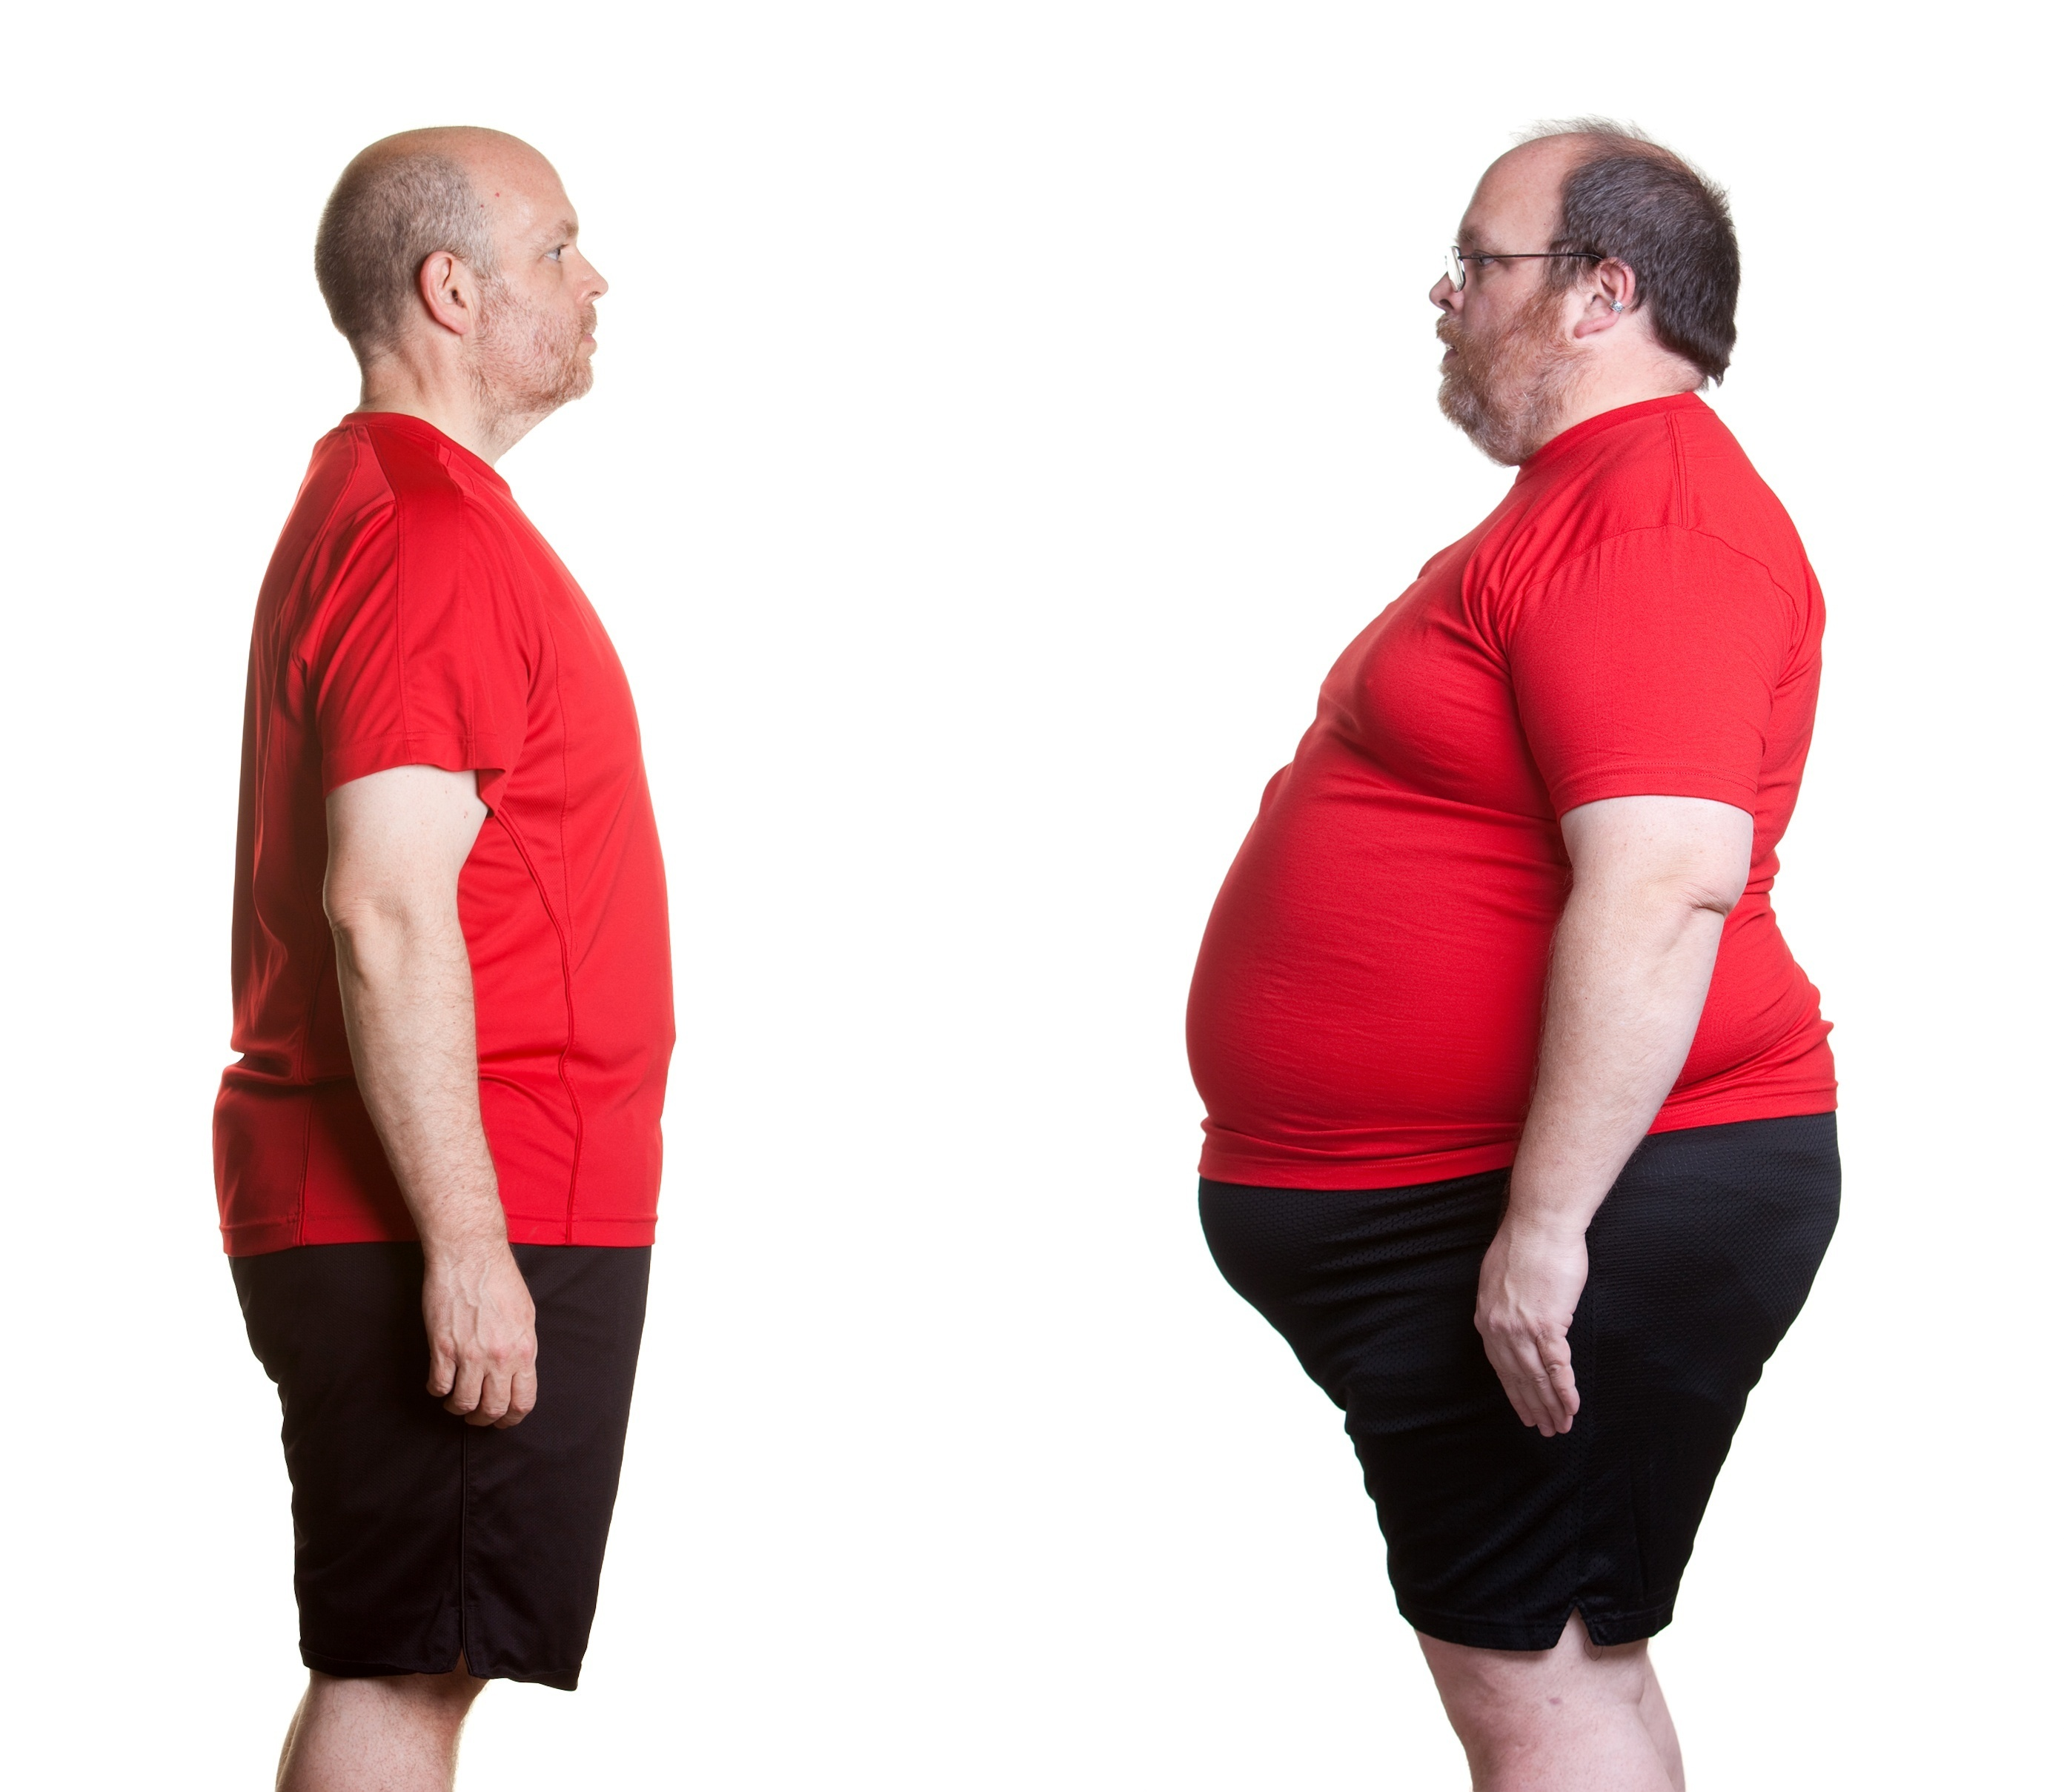 Emagrecer e perder peso